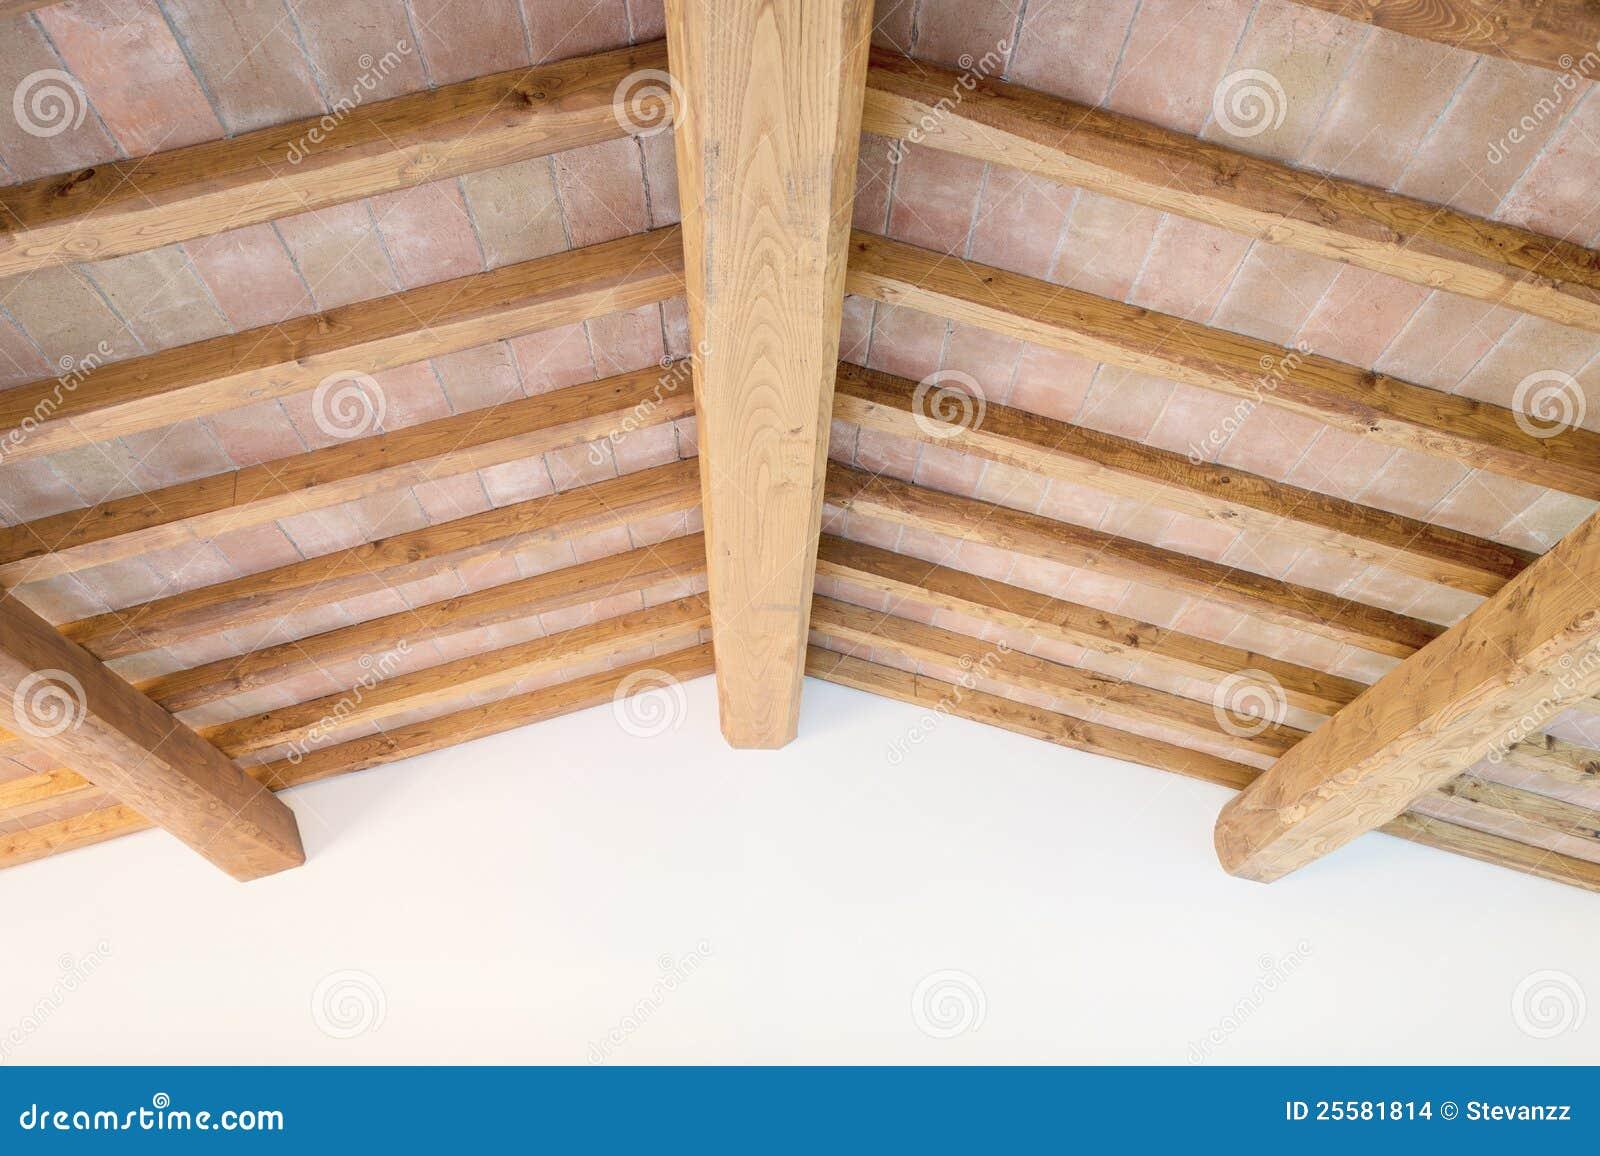 Soffitto toscano del fascio di legno mattoni rossi - Parete di legno ...